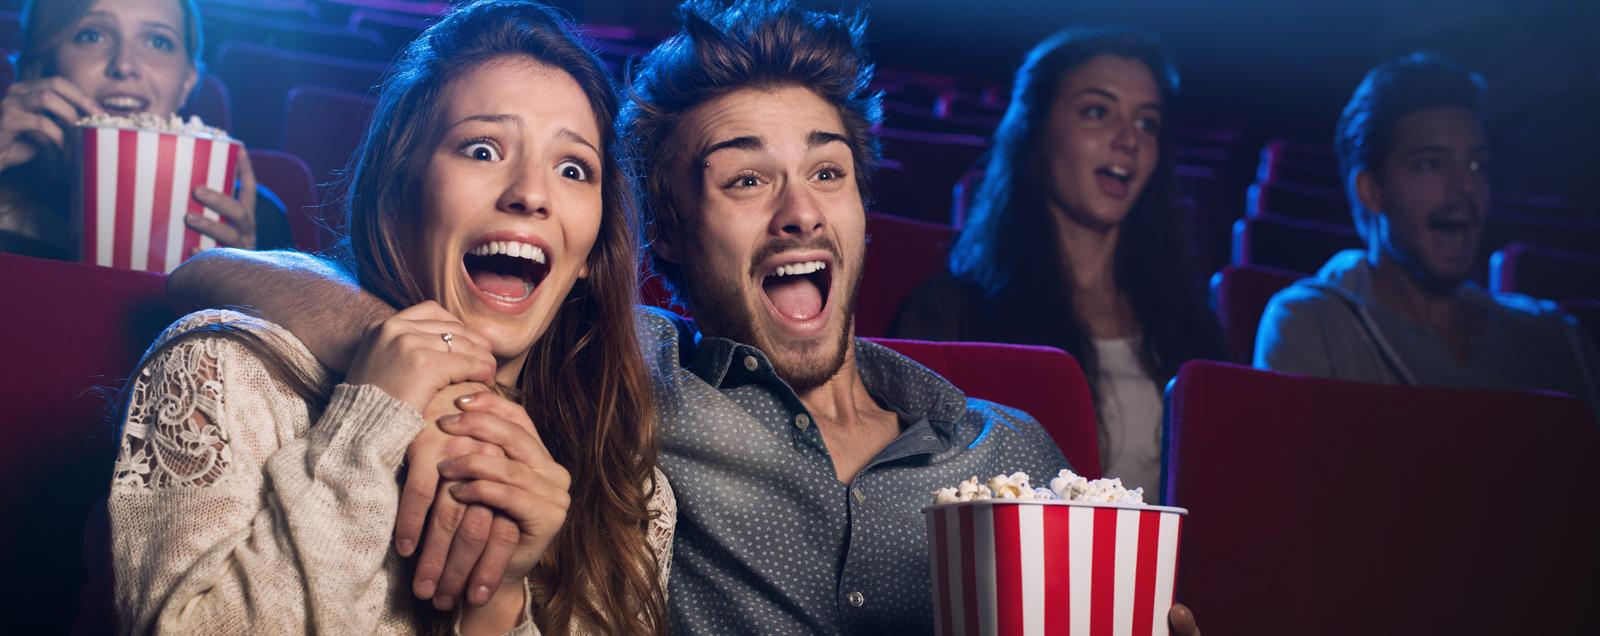 Filmer på kino, Søndre Land